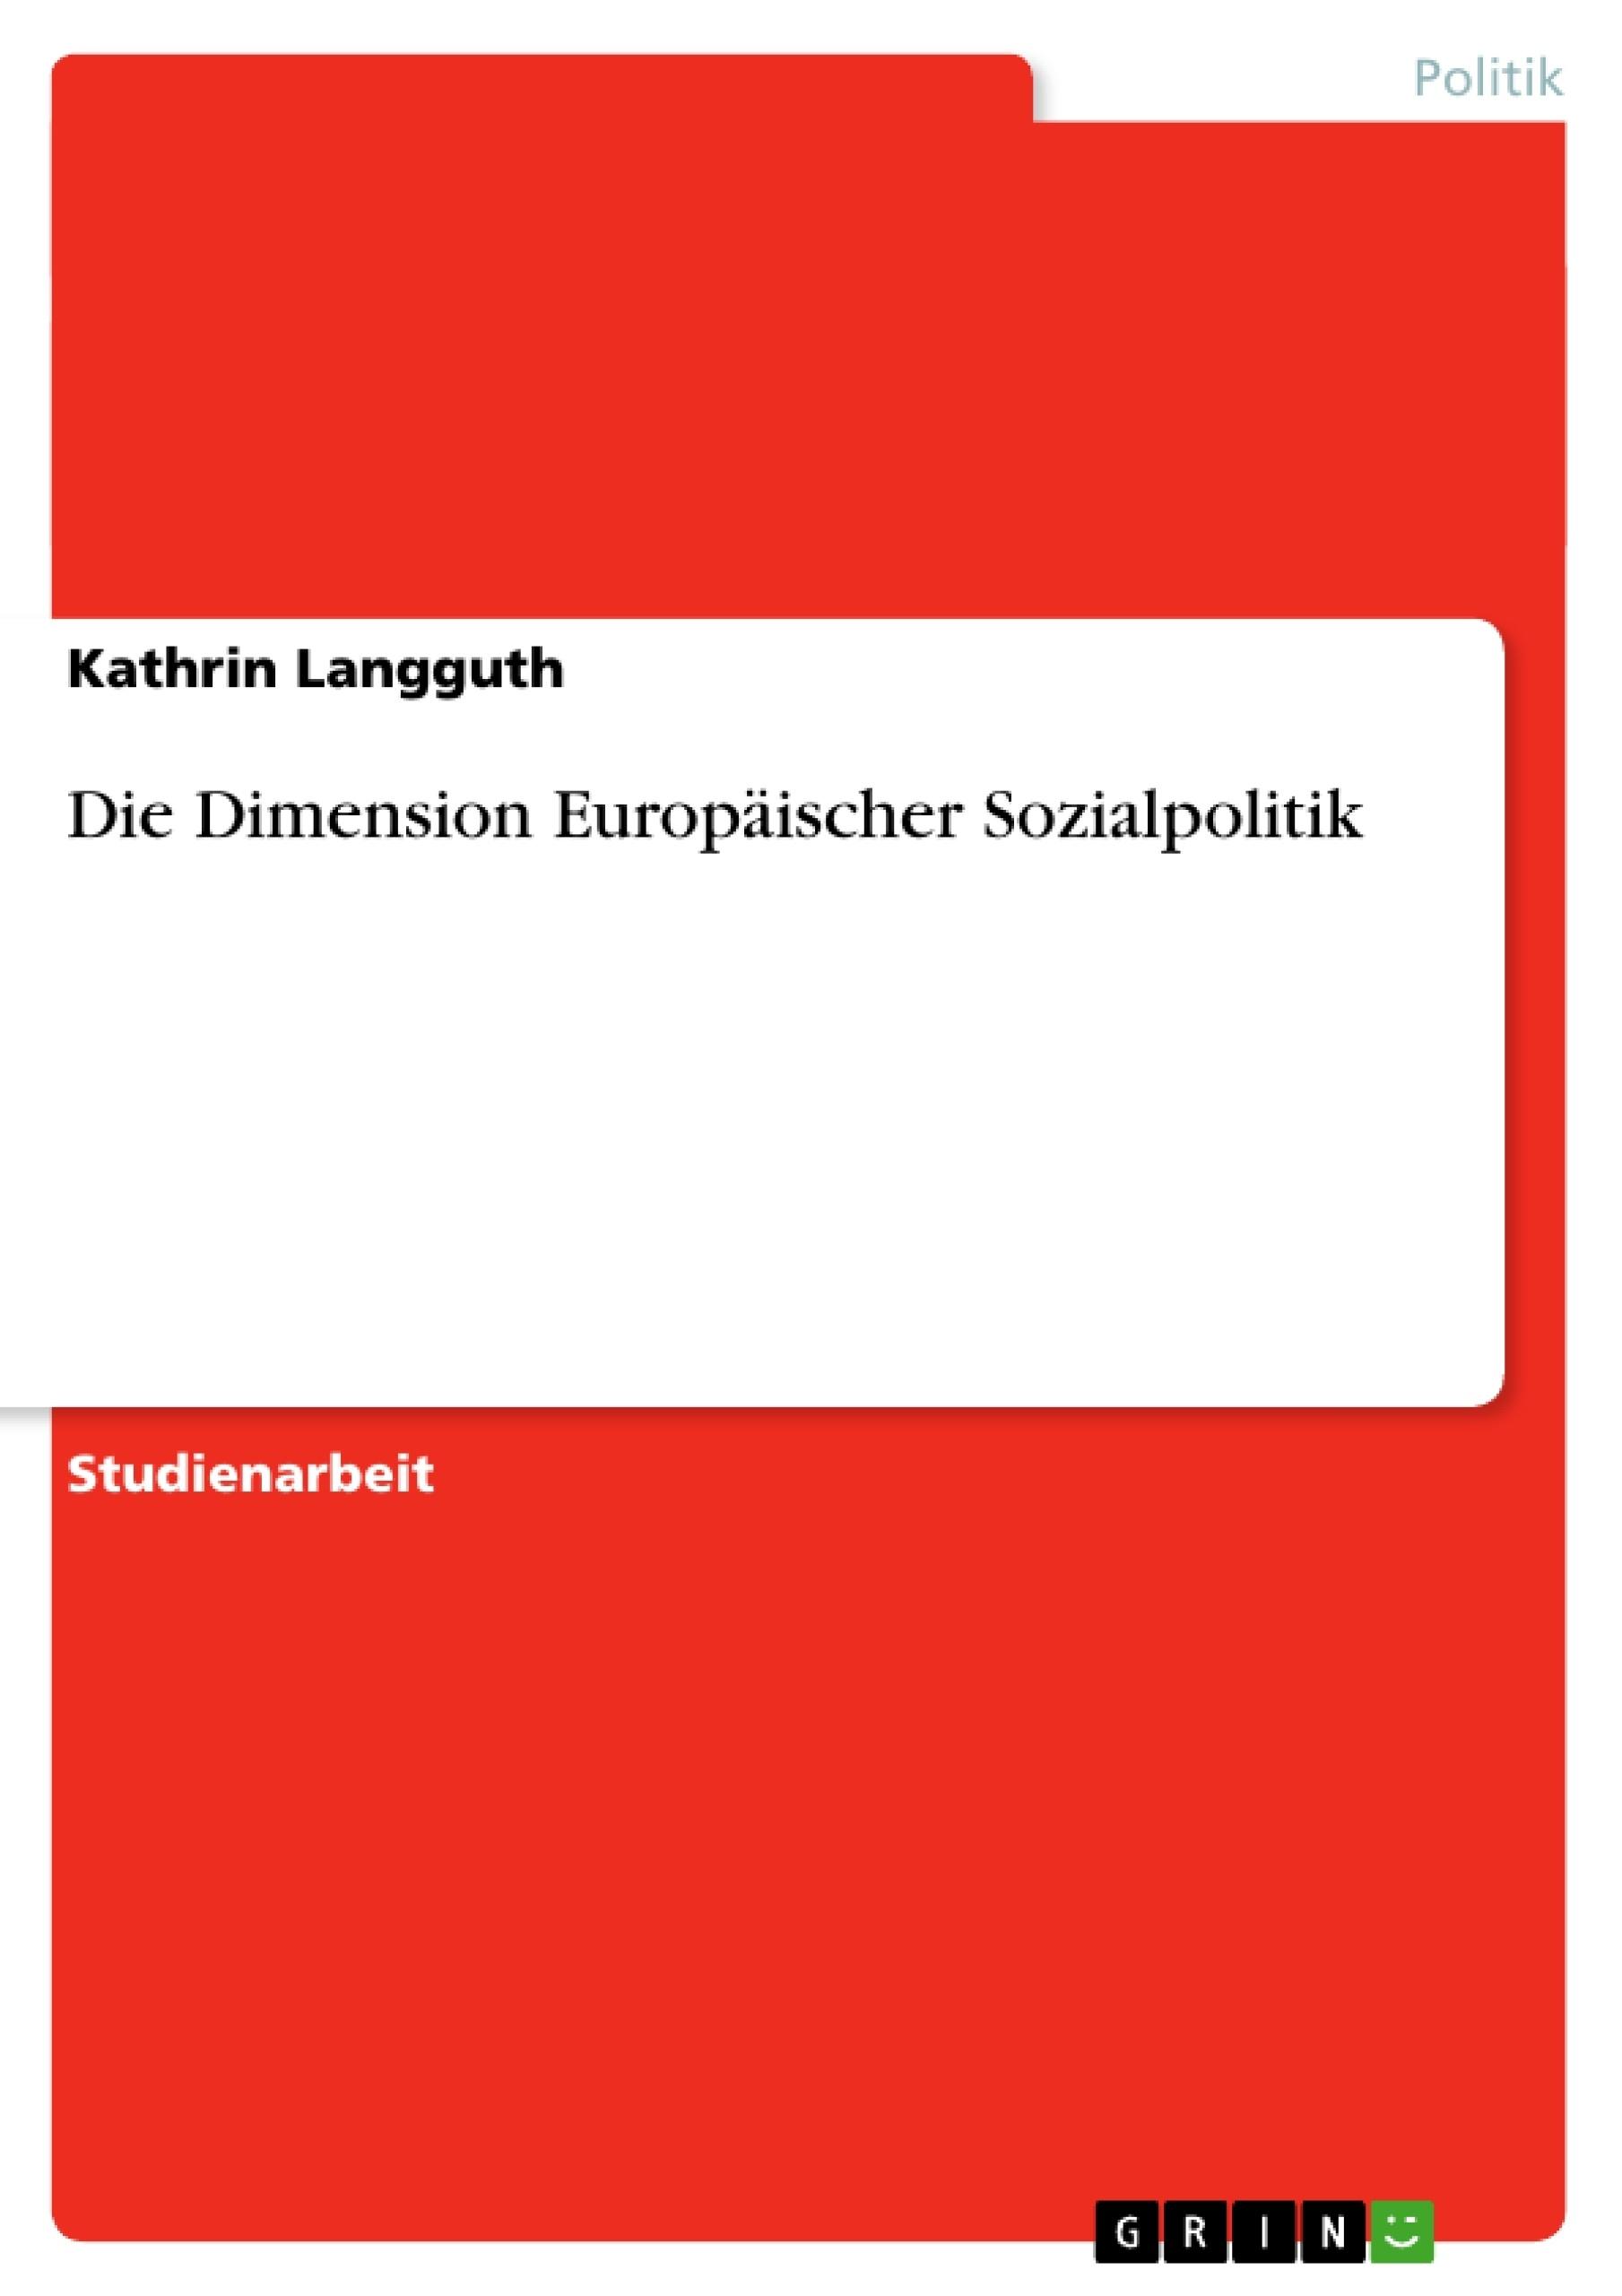 Titel: Die Dimension Europäischer Sozialpolitik